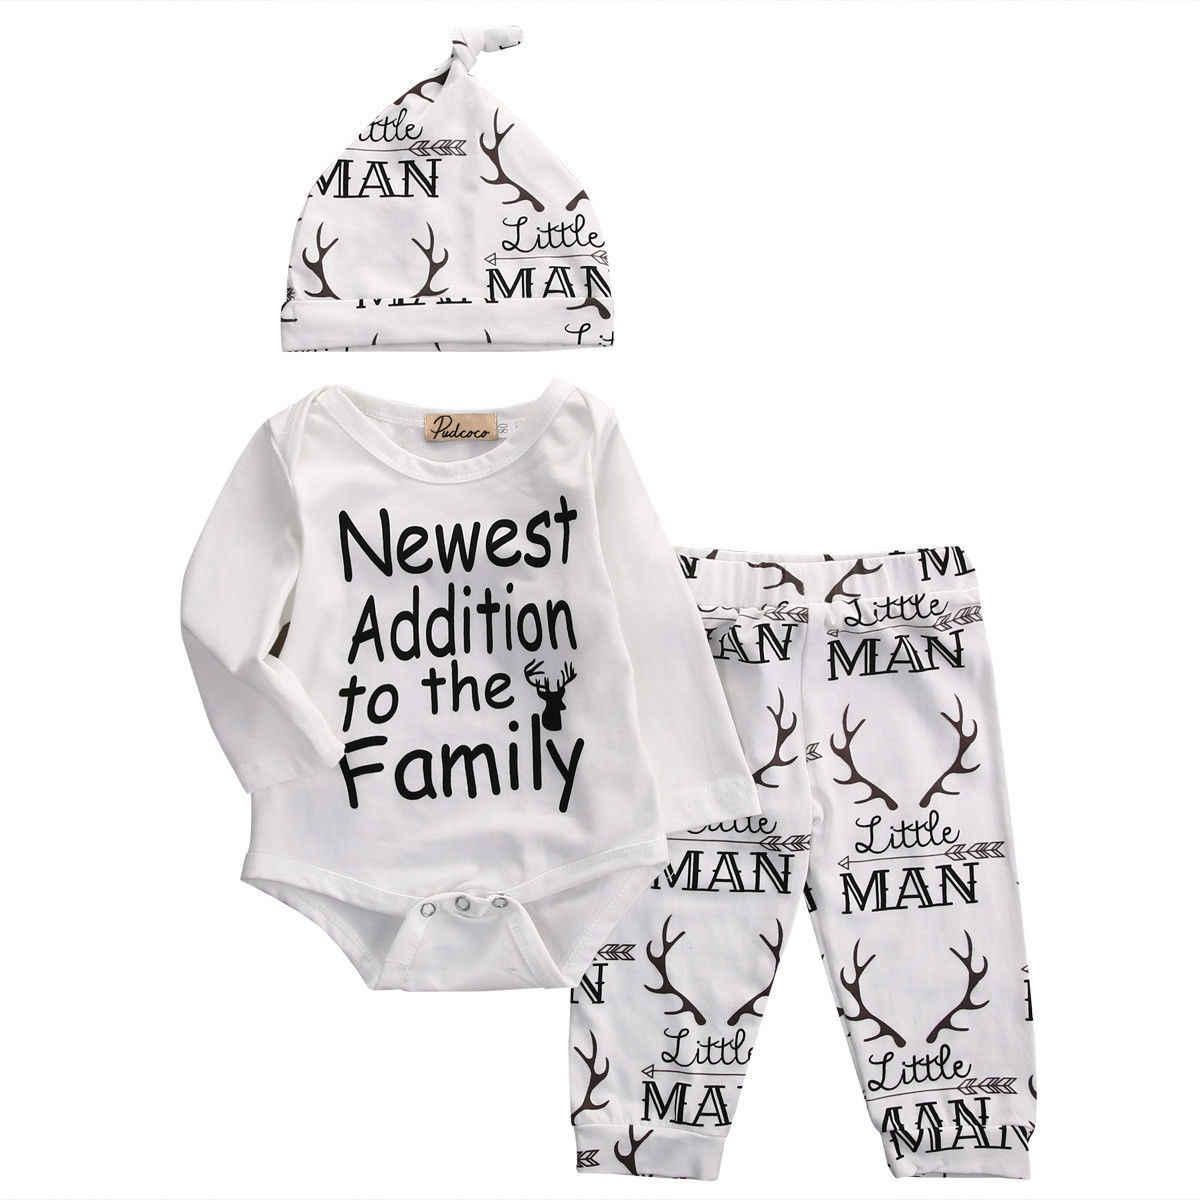 c848f0ec2 Detalle Comentarios Preguntas sobre Bebé recién nacido bebé niño  encantadora carta impresión Tops mono elegante pantalón sombrero 3 piezas  traje conjunto de ...